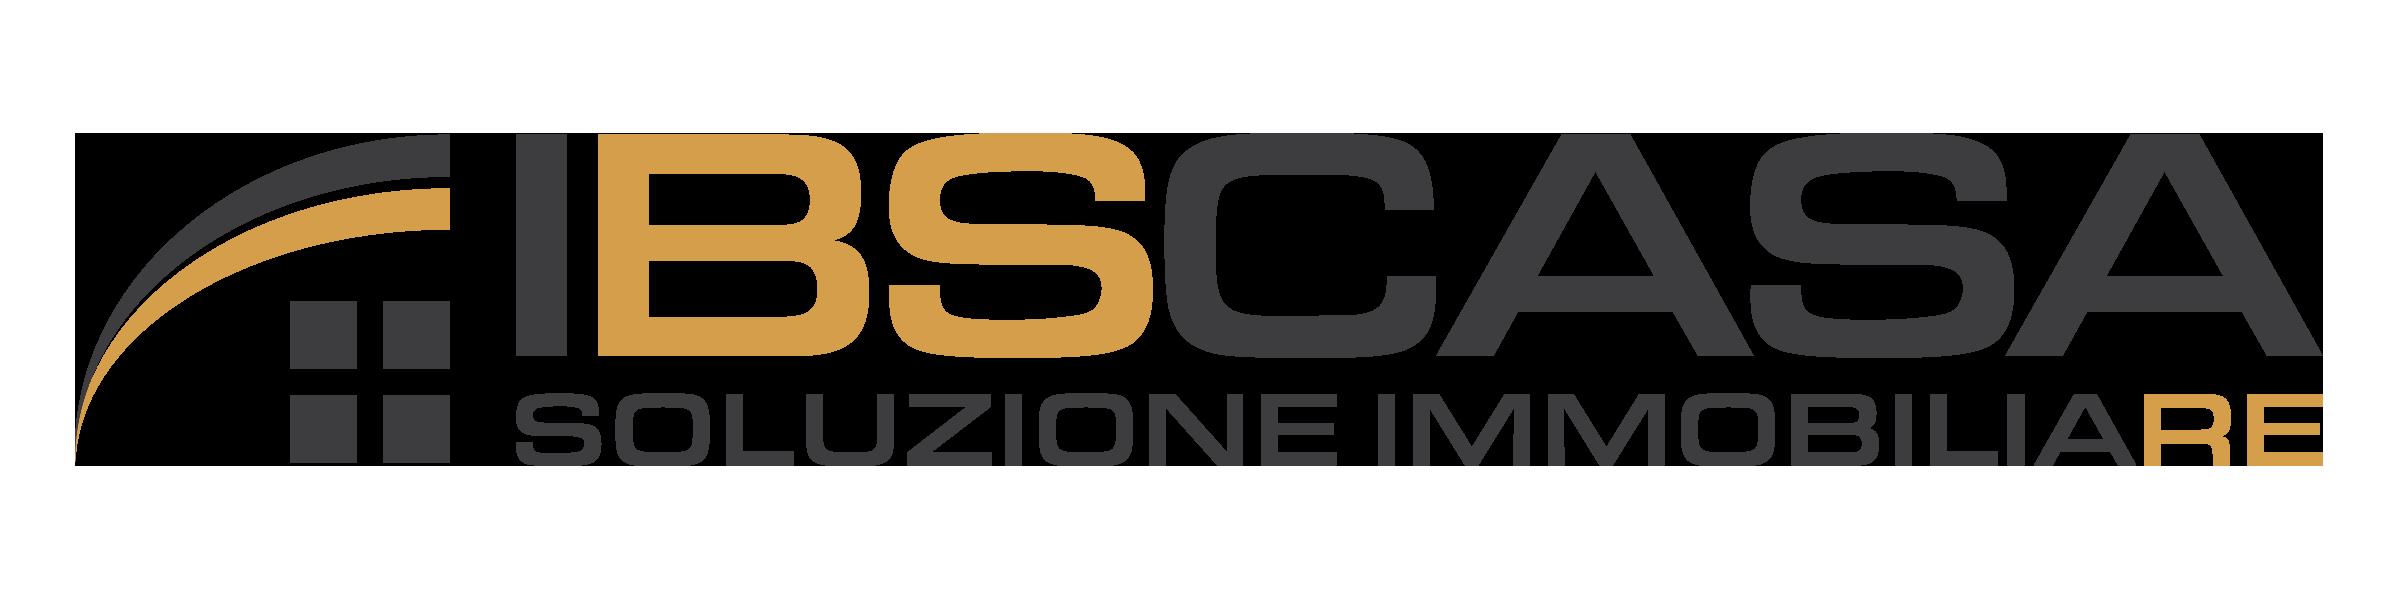 Agenzia Immobiliare Brescia